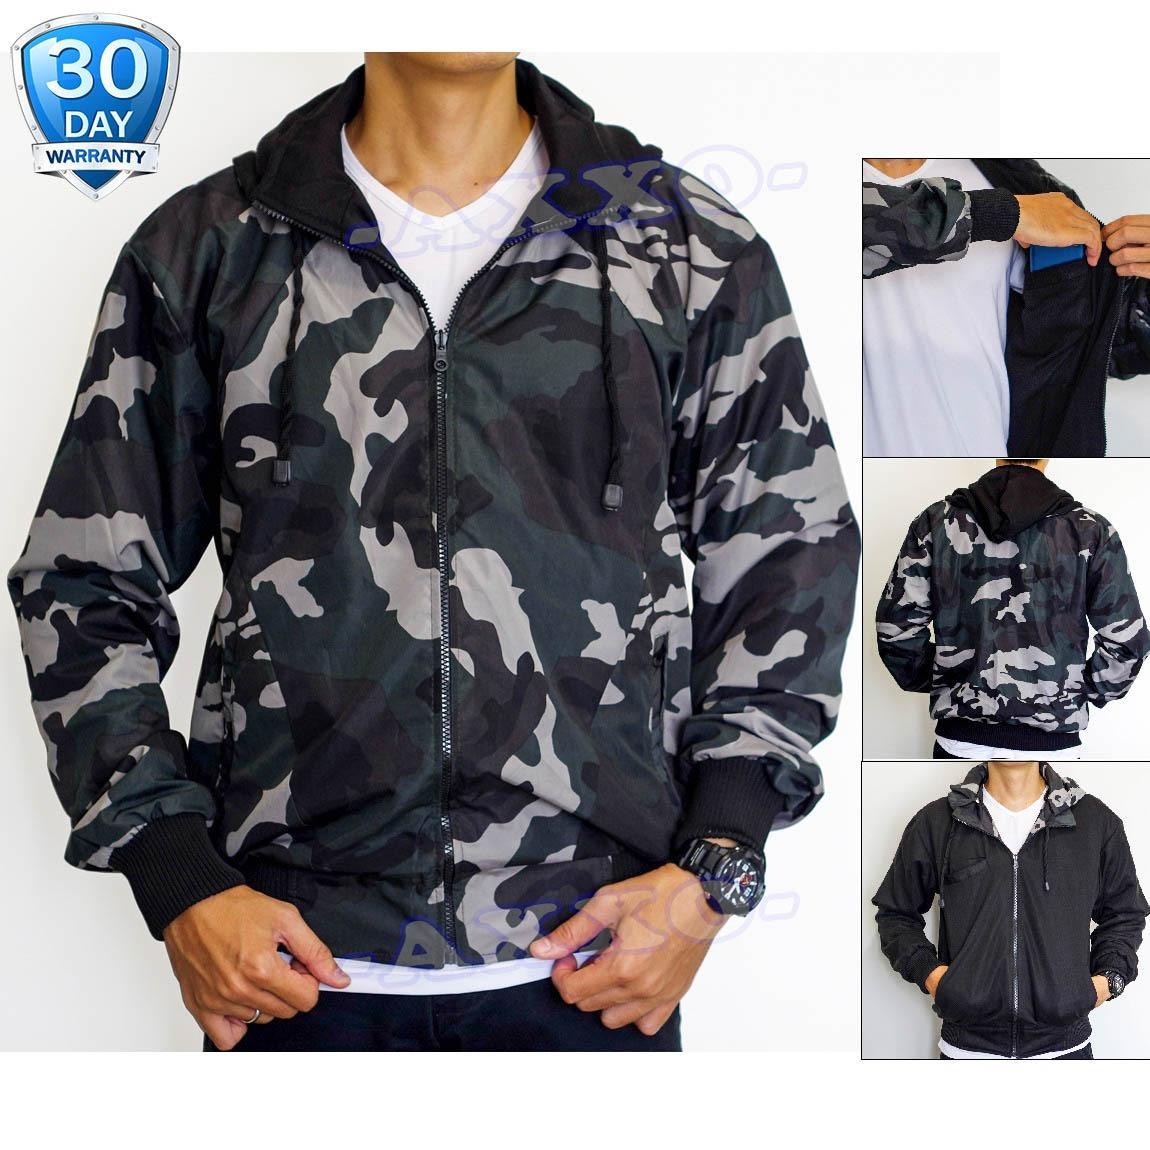 Toko Jaket Parasut Jaket Army Bolak Balik Jaket Pria Jaket Loreng Ax002 Lengkap